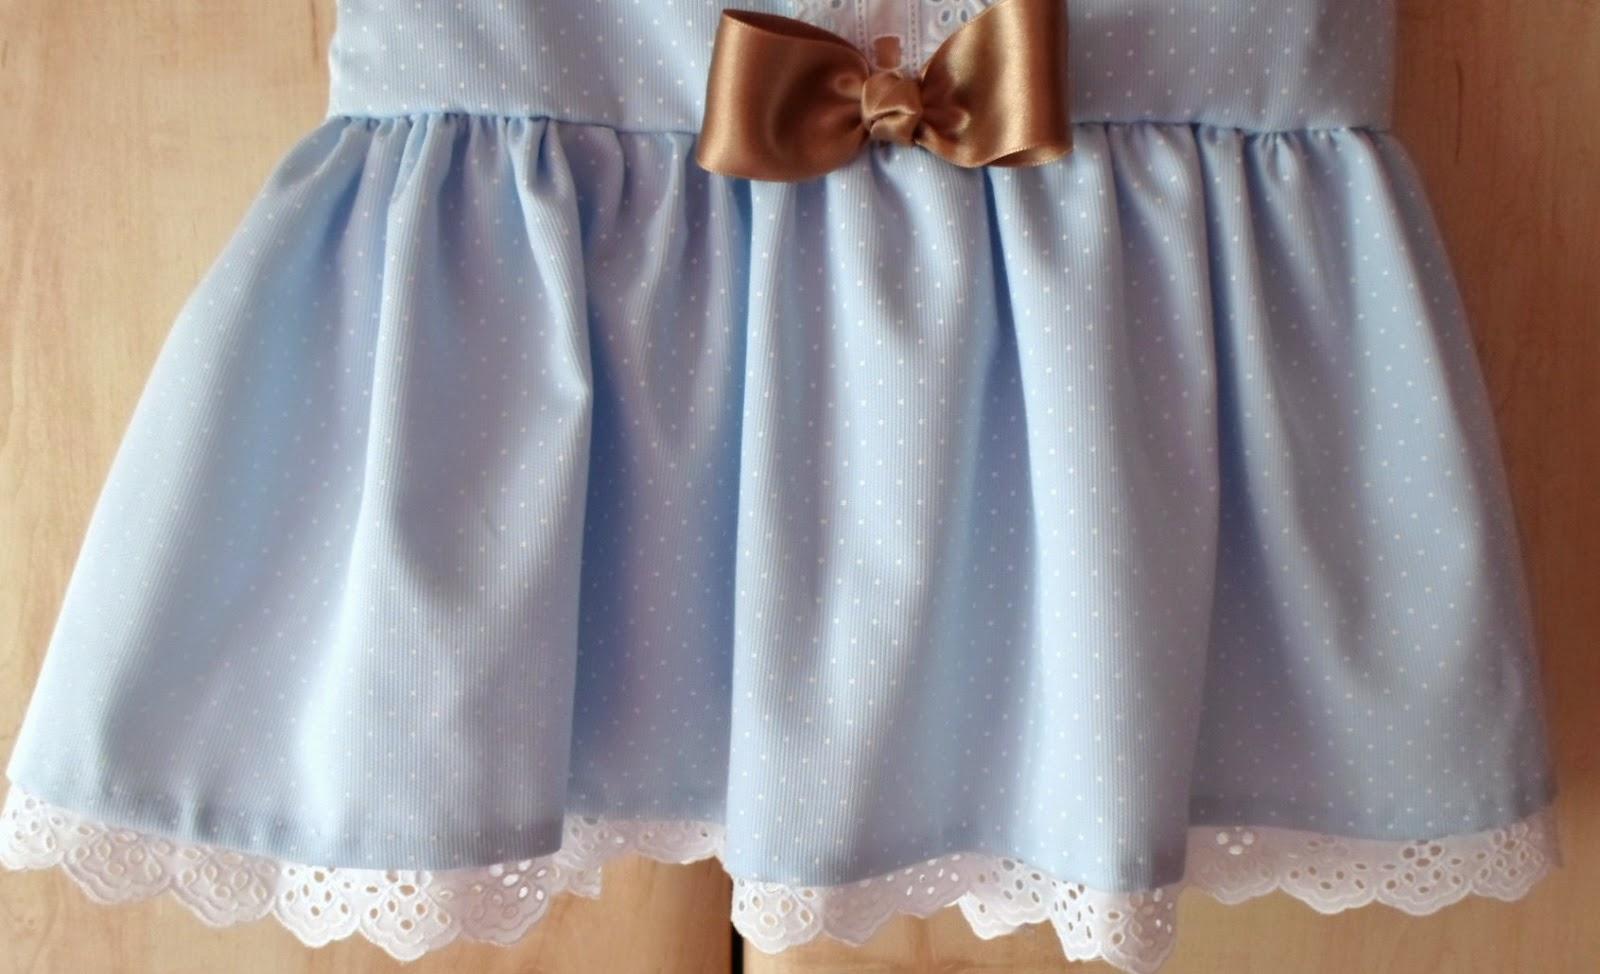 falda de vestido de talle bajo con puntilla en el forro